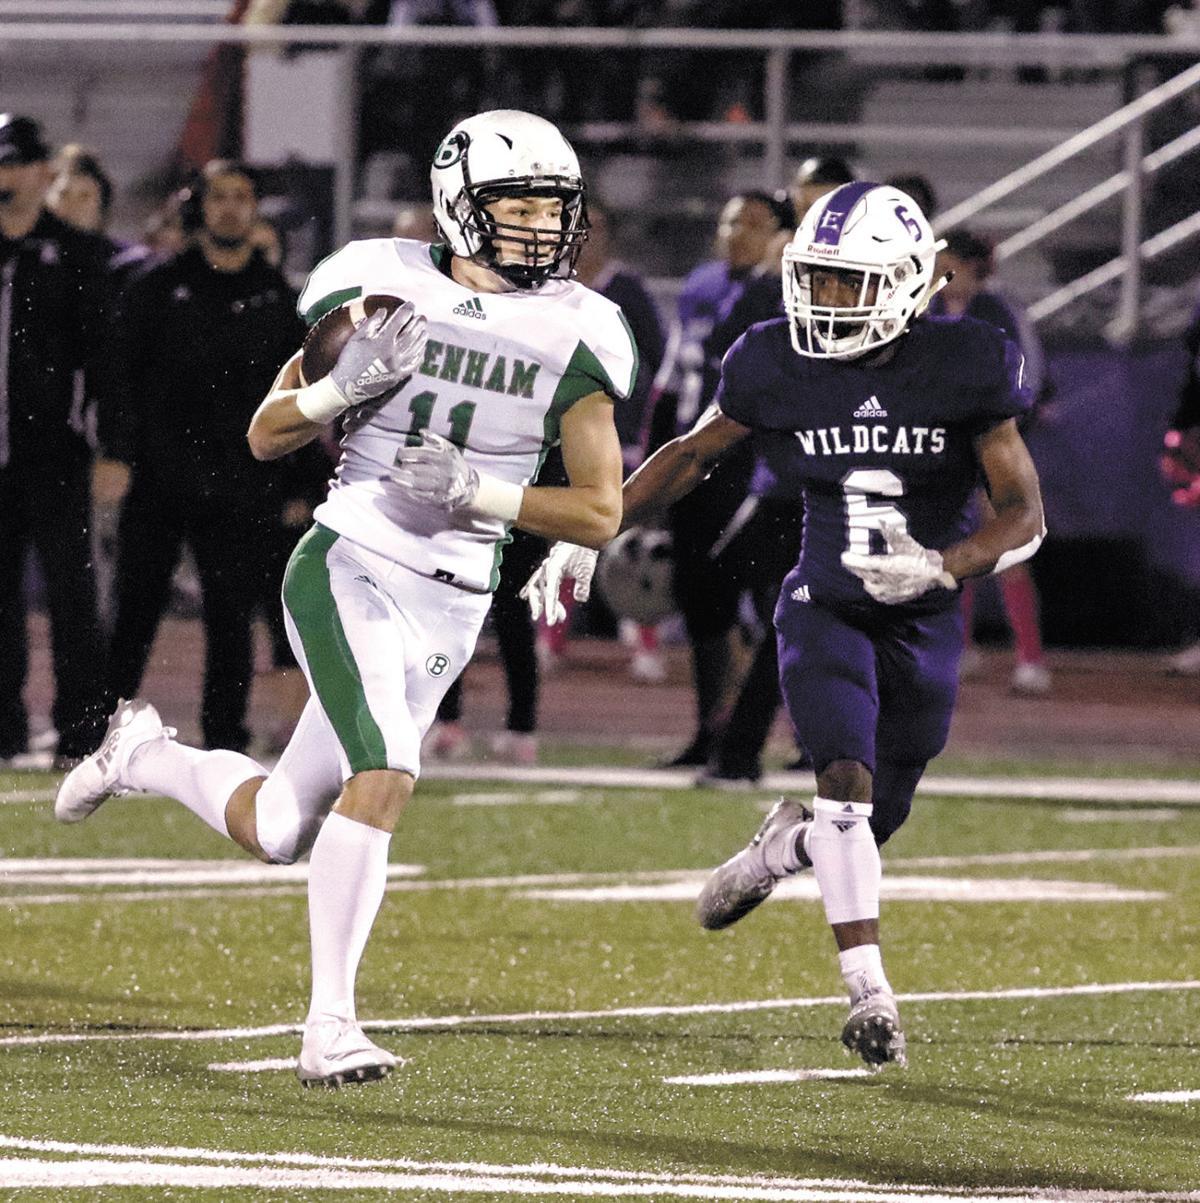 Brenham's Hayden Allen Carries the Football